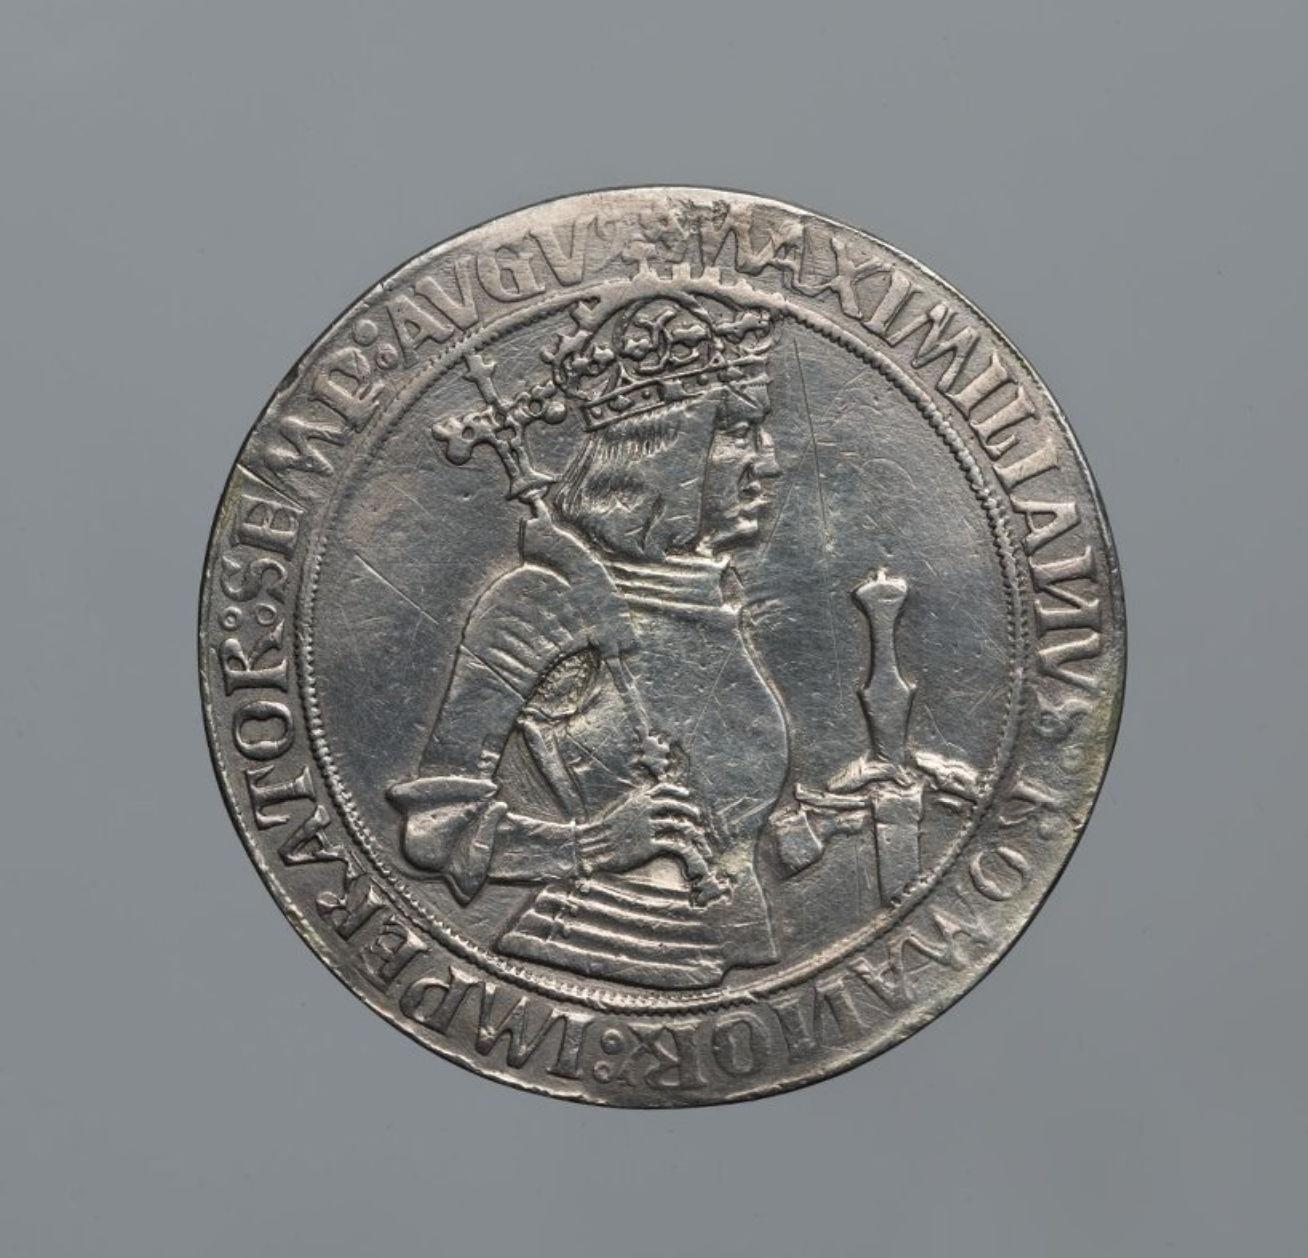 Священная Римская империя. Максимилиан I (1477–1519, император с 1508). Двукратный шаугульдинер 1509 г. Серебро, чеканка (ГИМ 93304, КР ОН 651847)